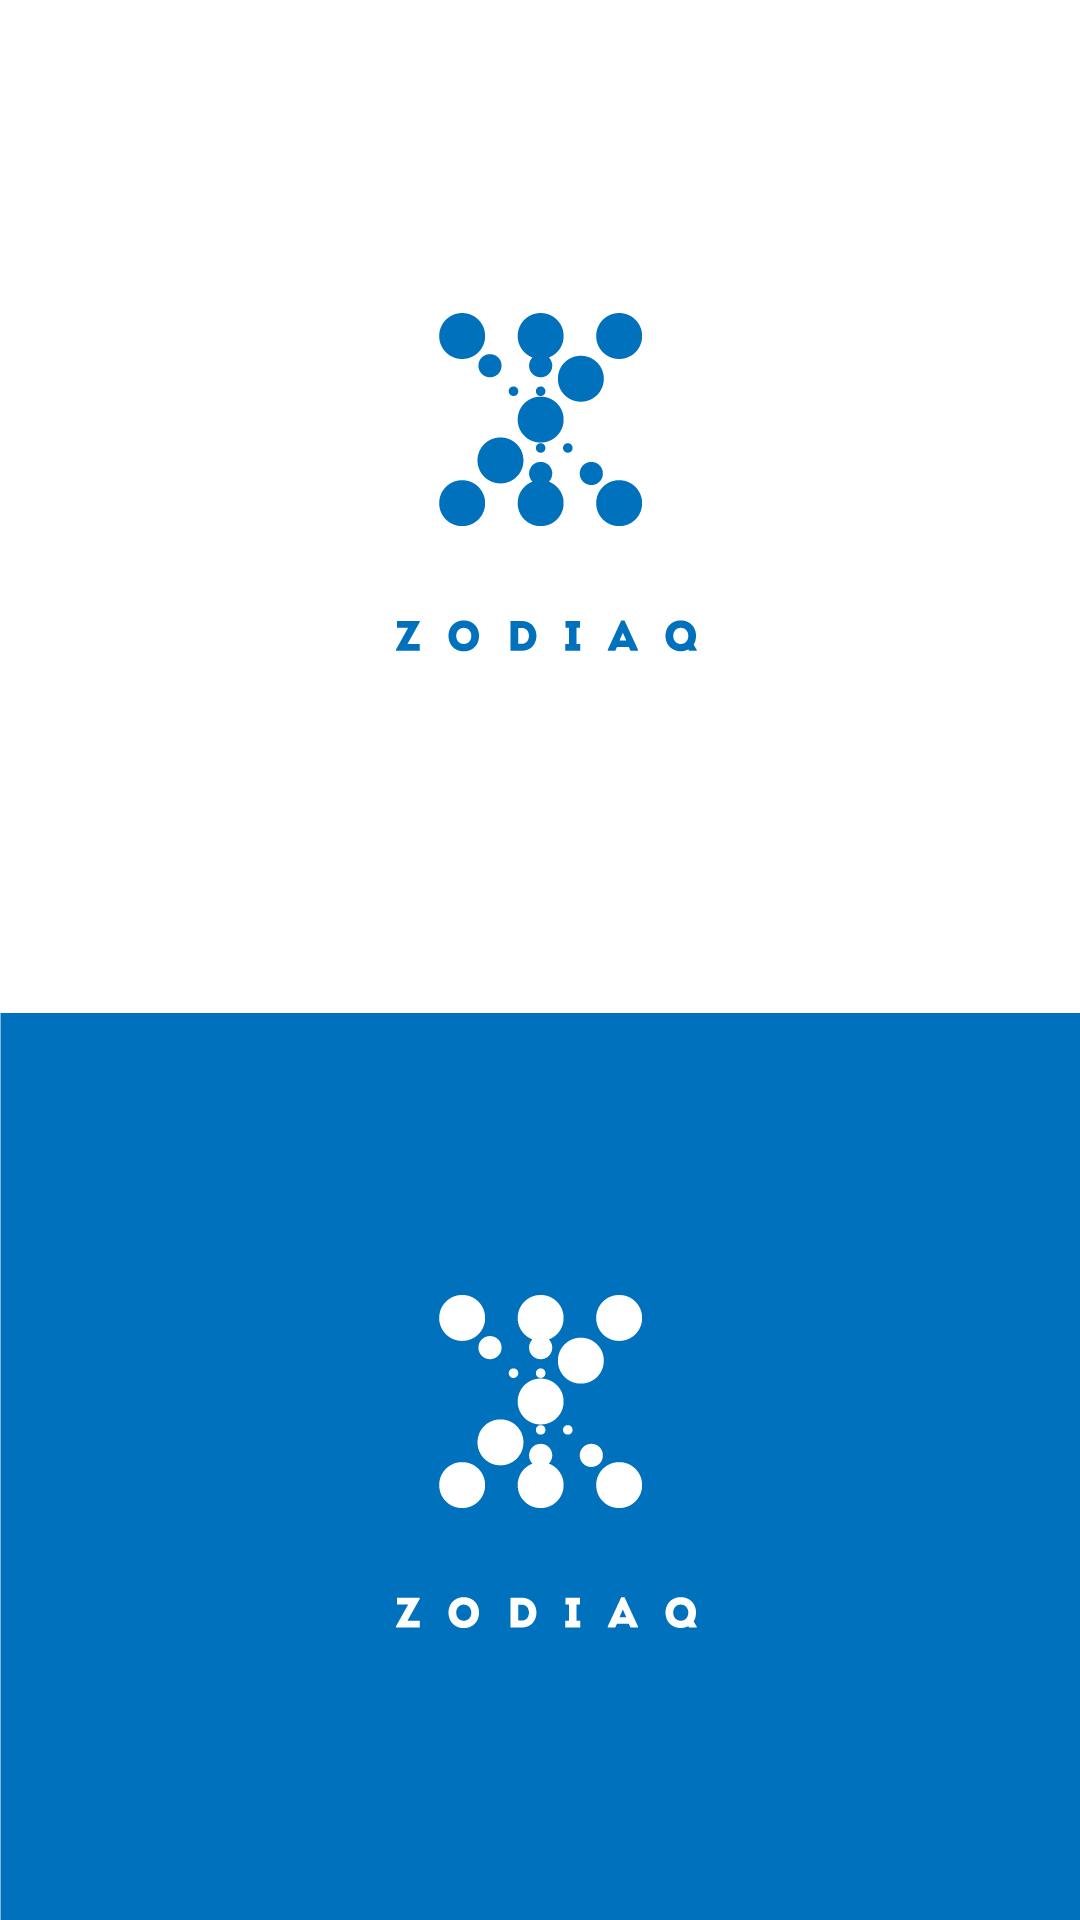 Разработка логотипа и основных элементов стиля фото f_4545990869d162ec.jpg